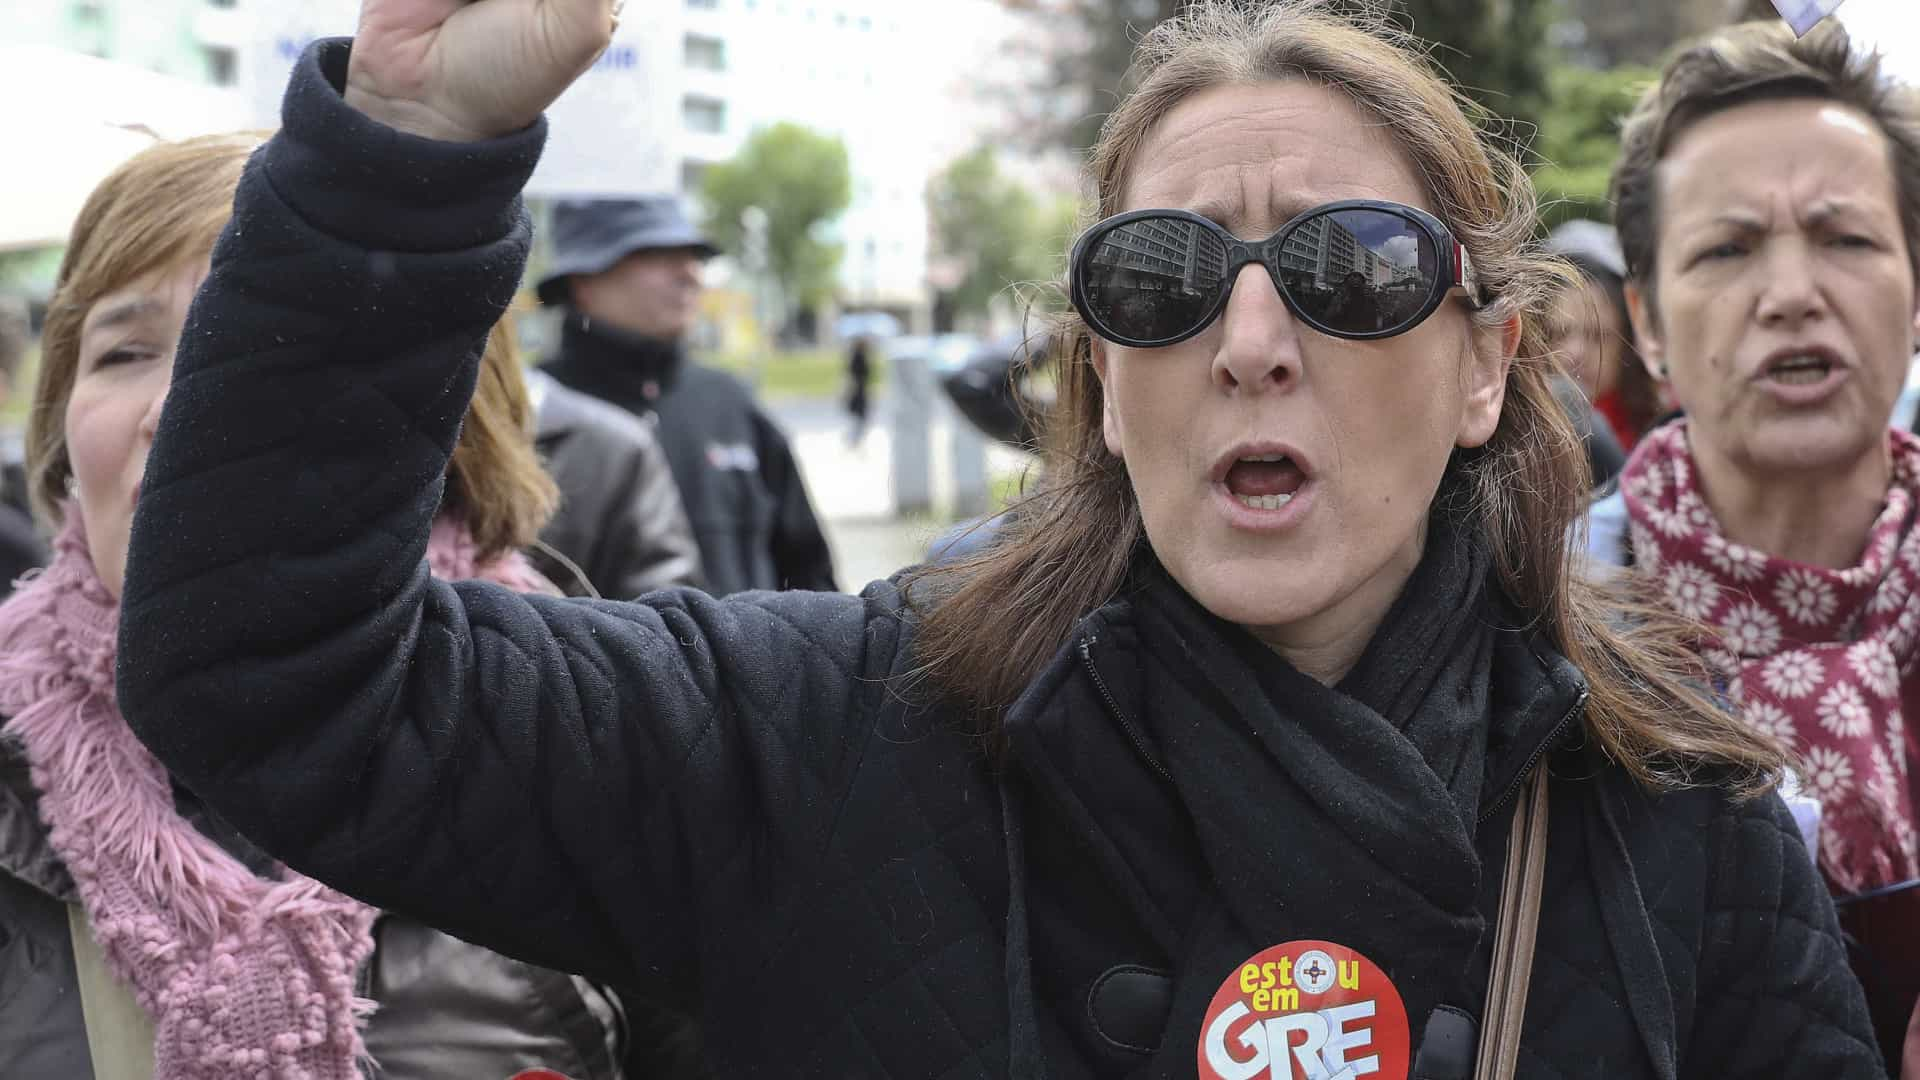 Profissionais de reinserção social em greve às horas extra até fim do ano